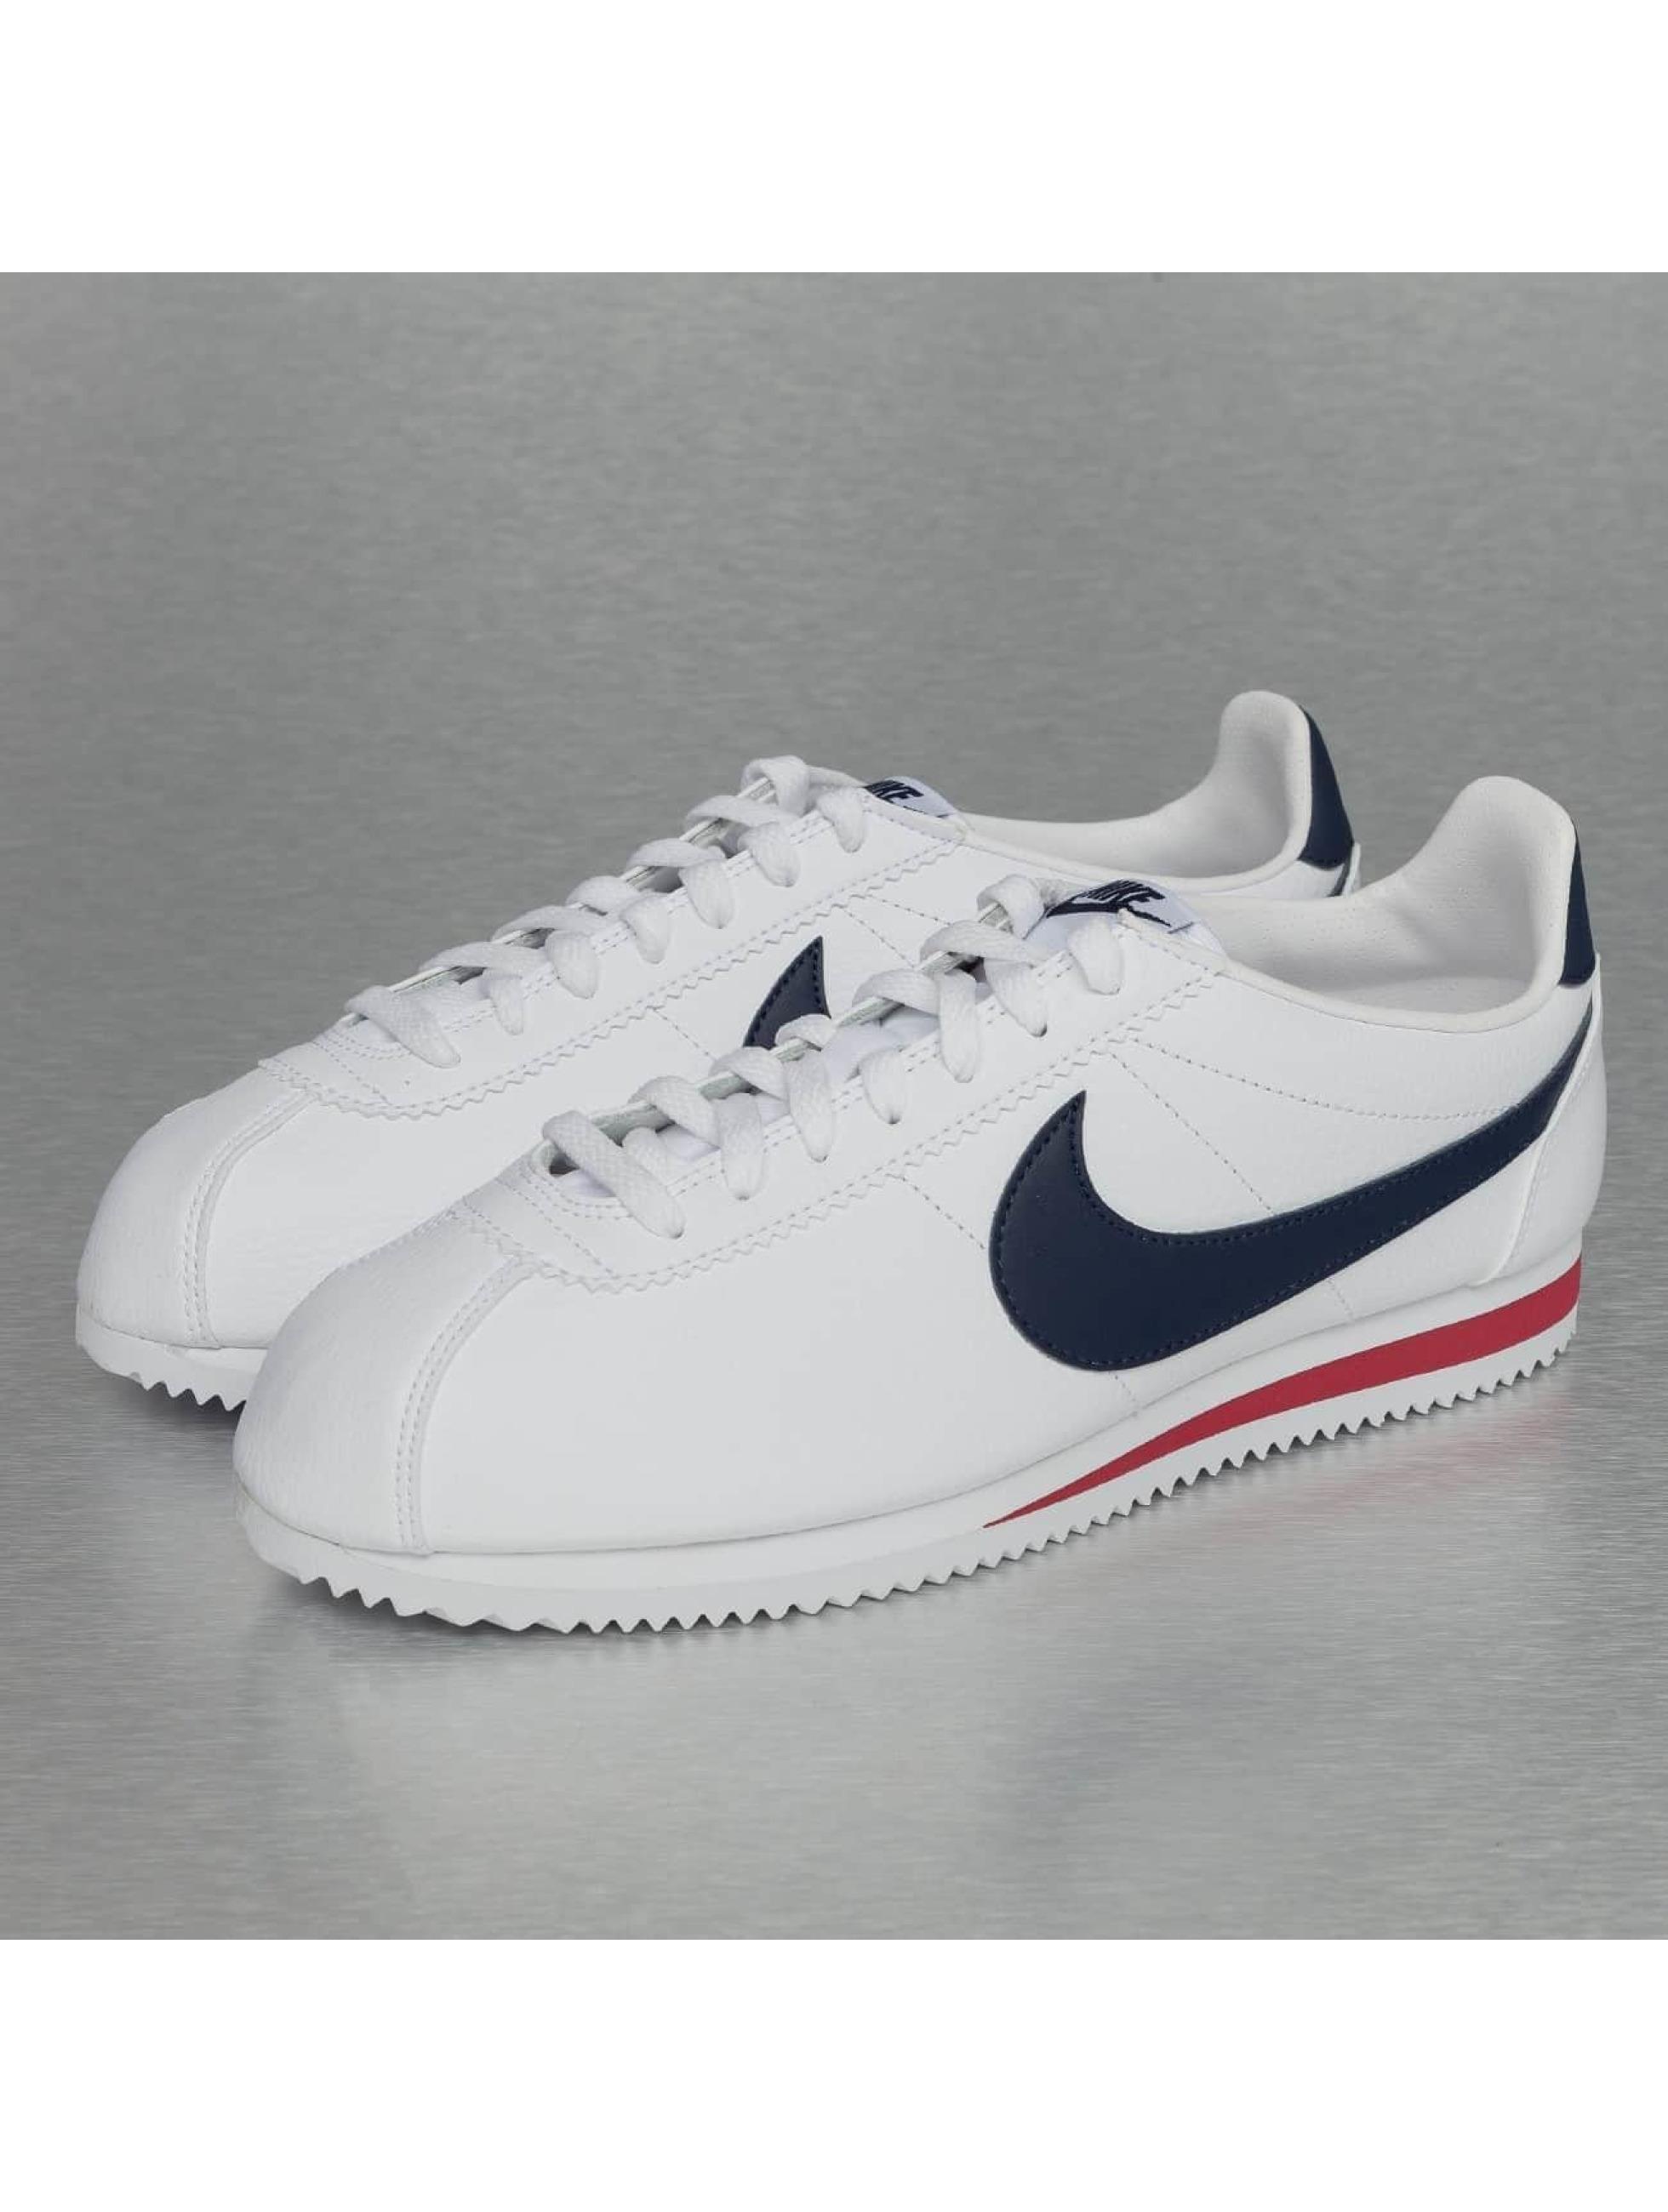 Nike Cortez Blanc Rouge Bleu